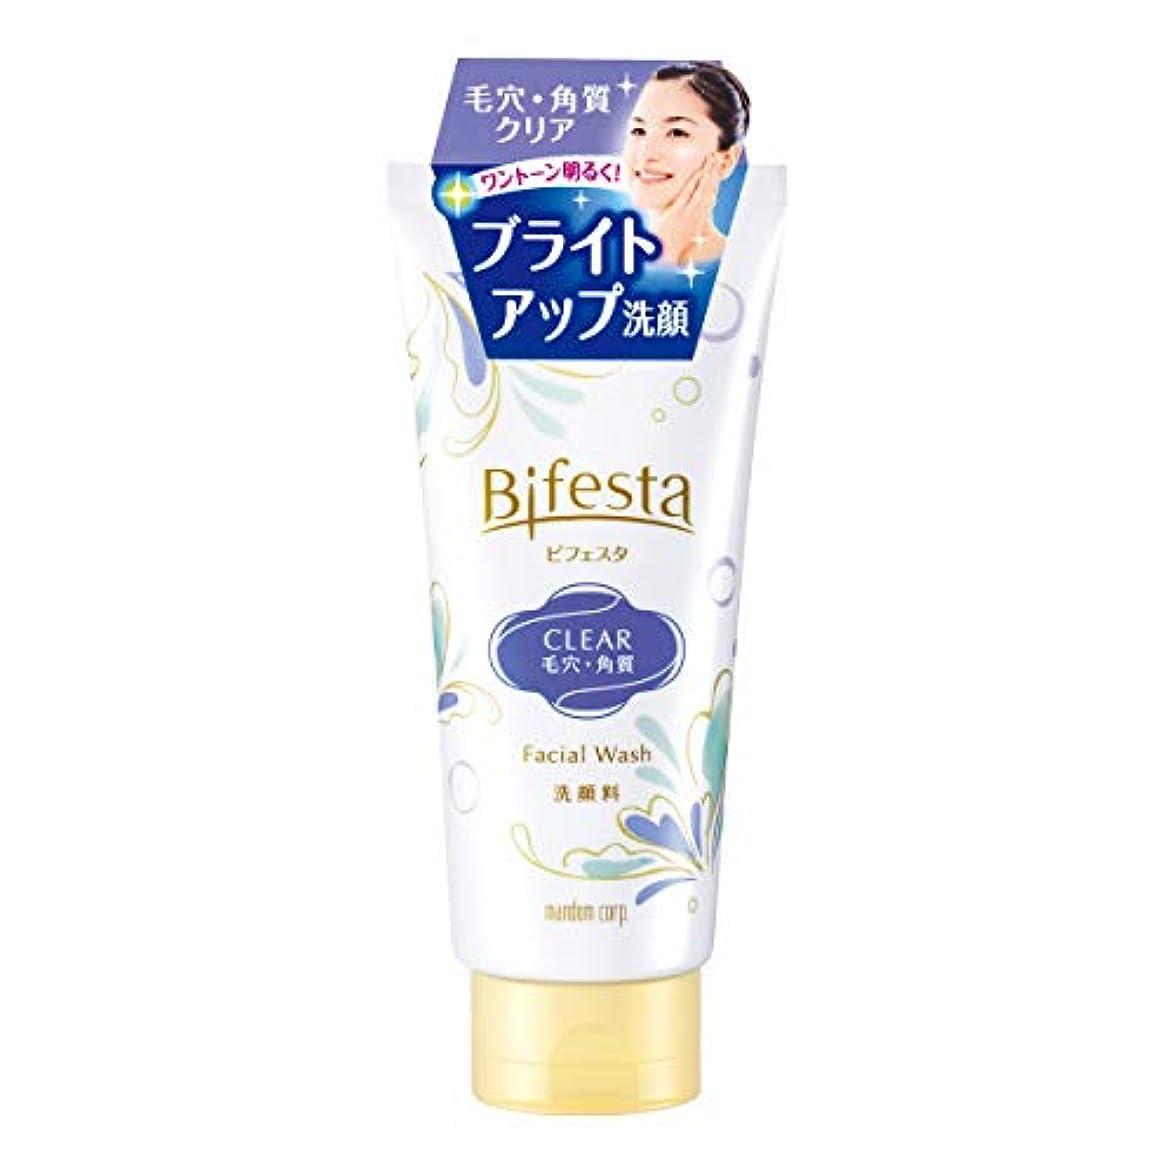 記者習熟度通貨ビフェスタ(Bifesta)洗顔 クリア 120g 毛穴?角質クリアタイプの洗顔料